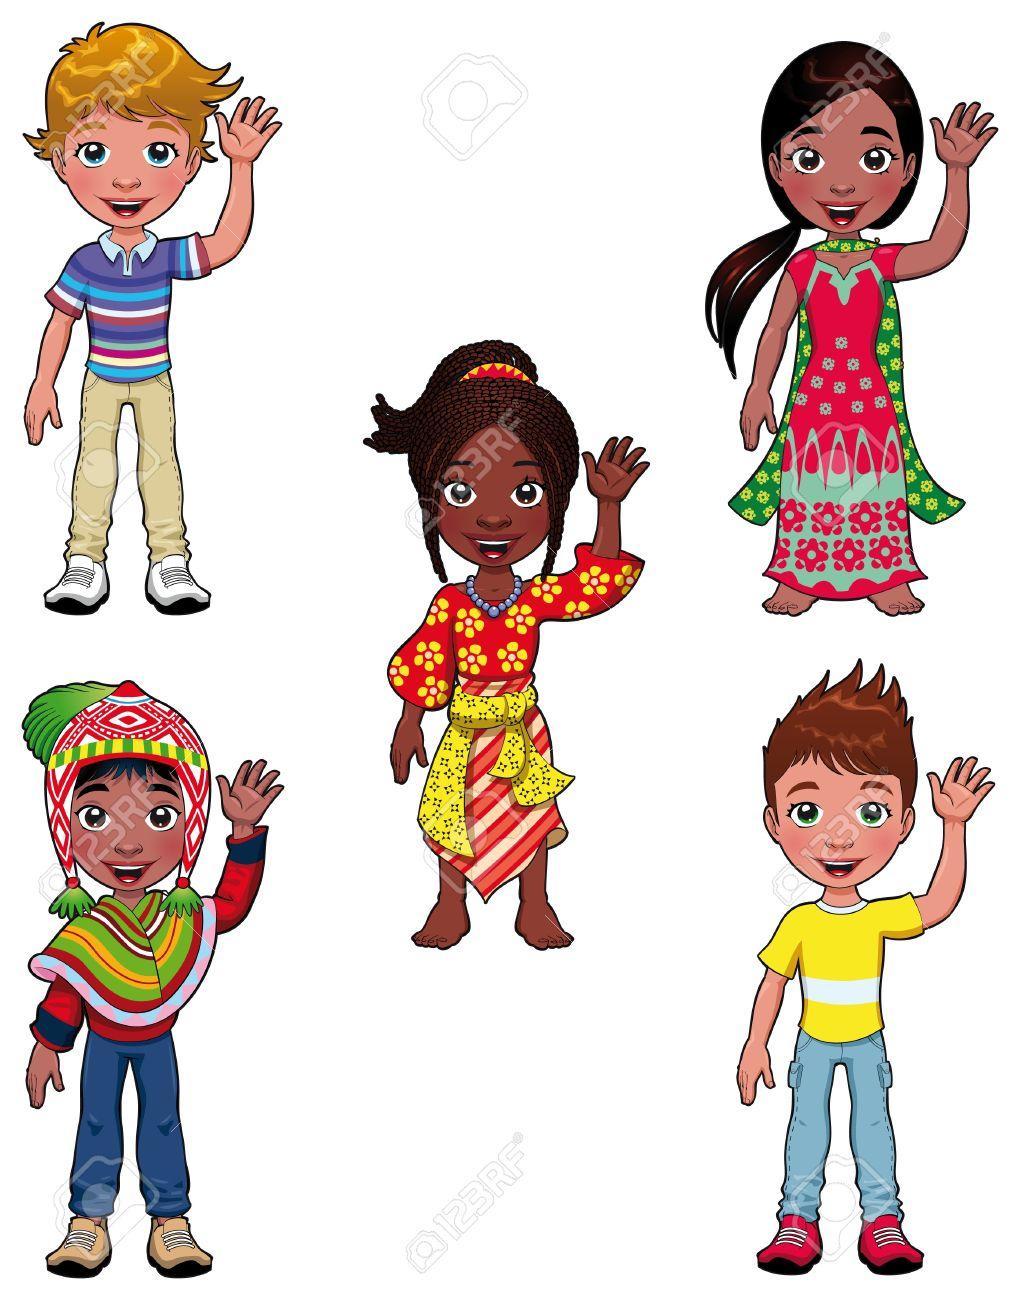 Niños en el mundo. Personajes de dibujos animados.  Foto de archivo - 9548470